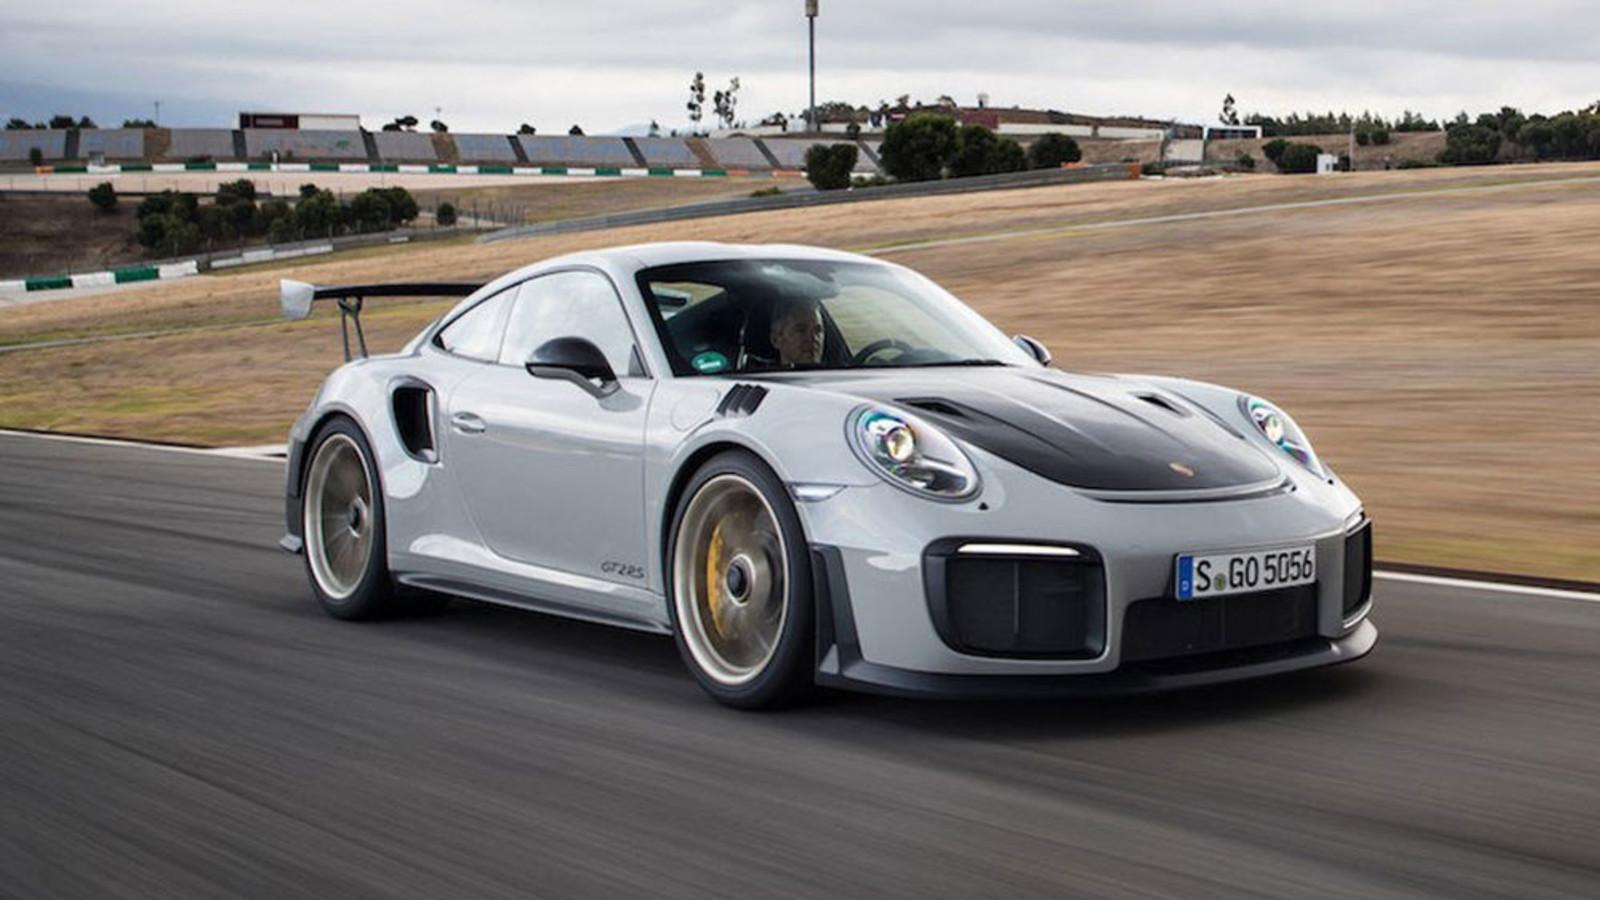 Porsche GT2 RS: Das sind besten deutschen Sportwagen